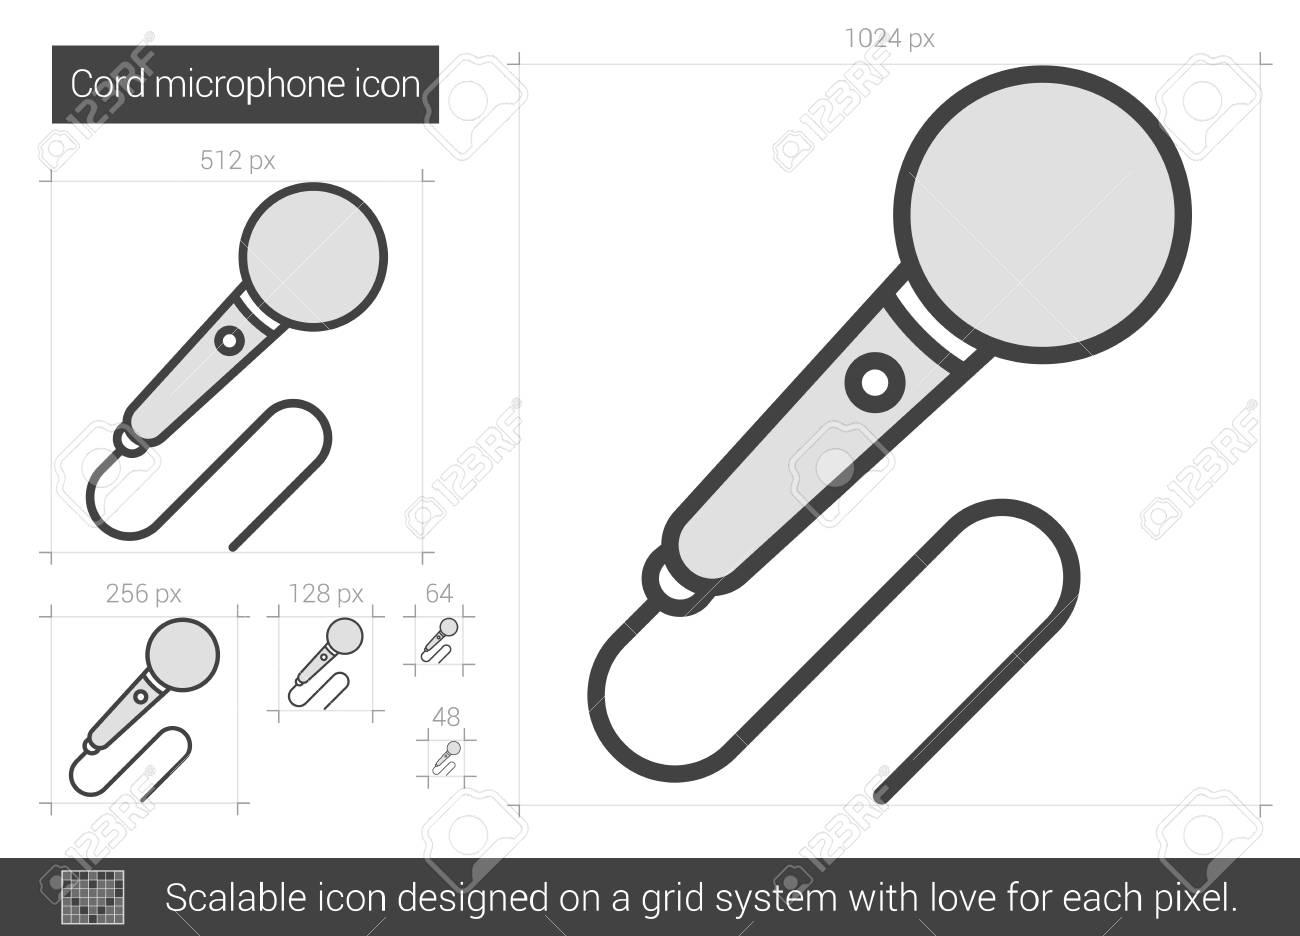 Großartig Hervorragende Zeichnungsworkflow Online Bildideen Ideen ...